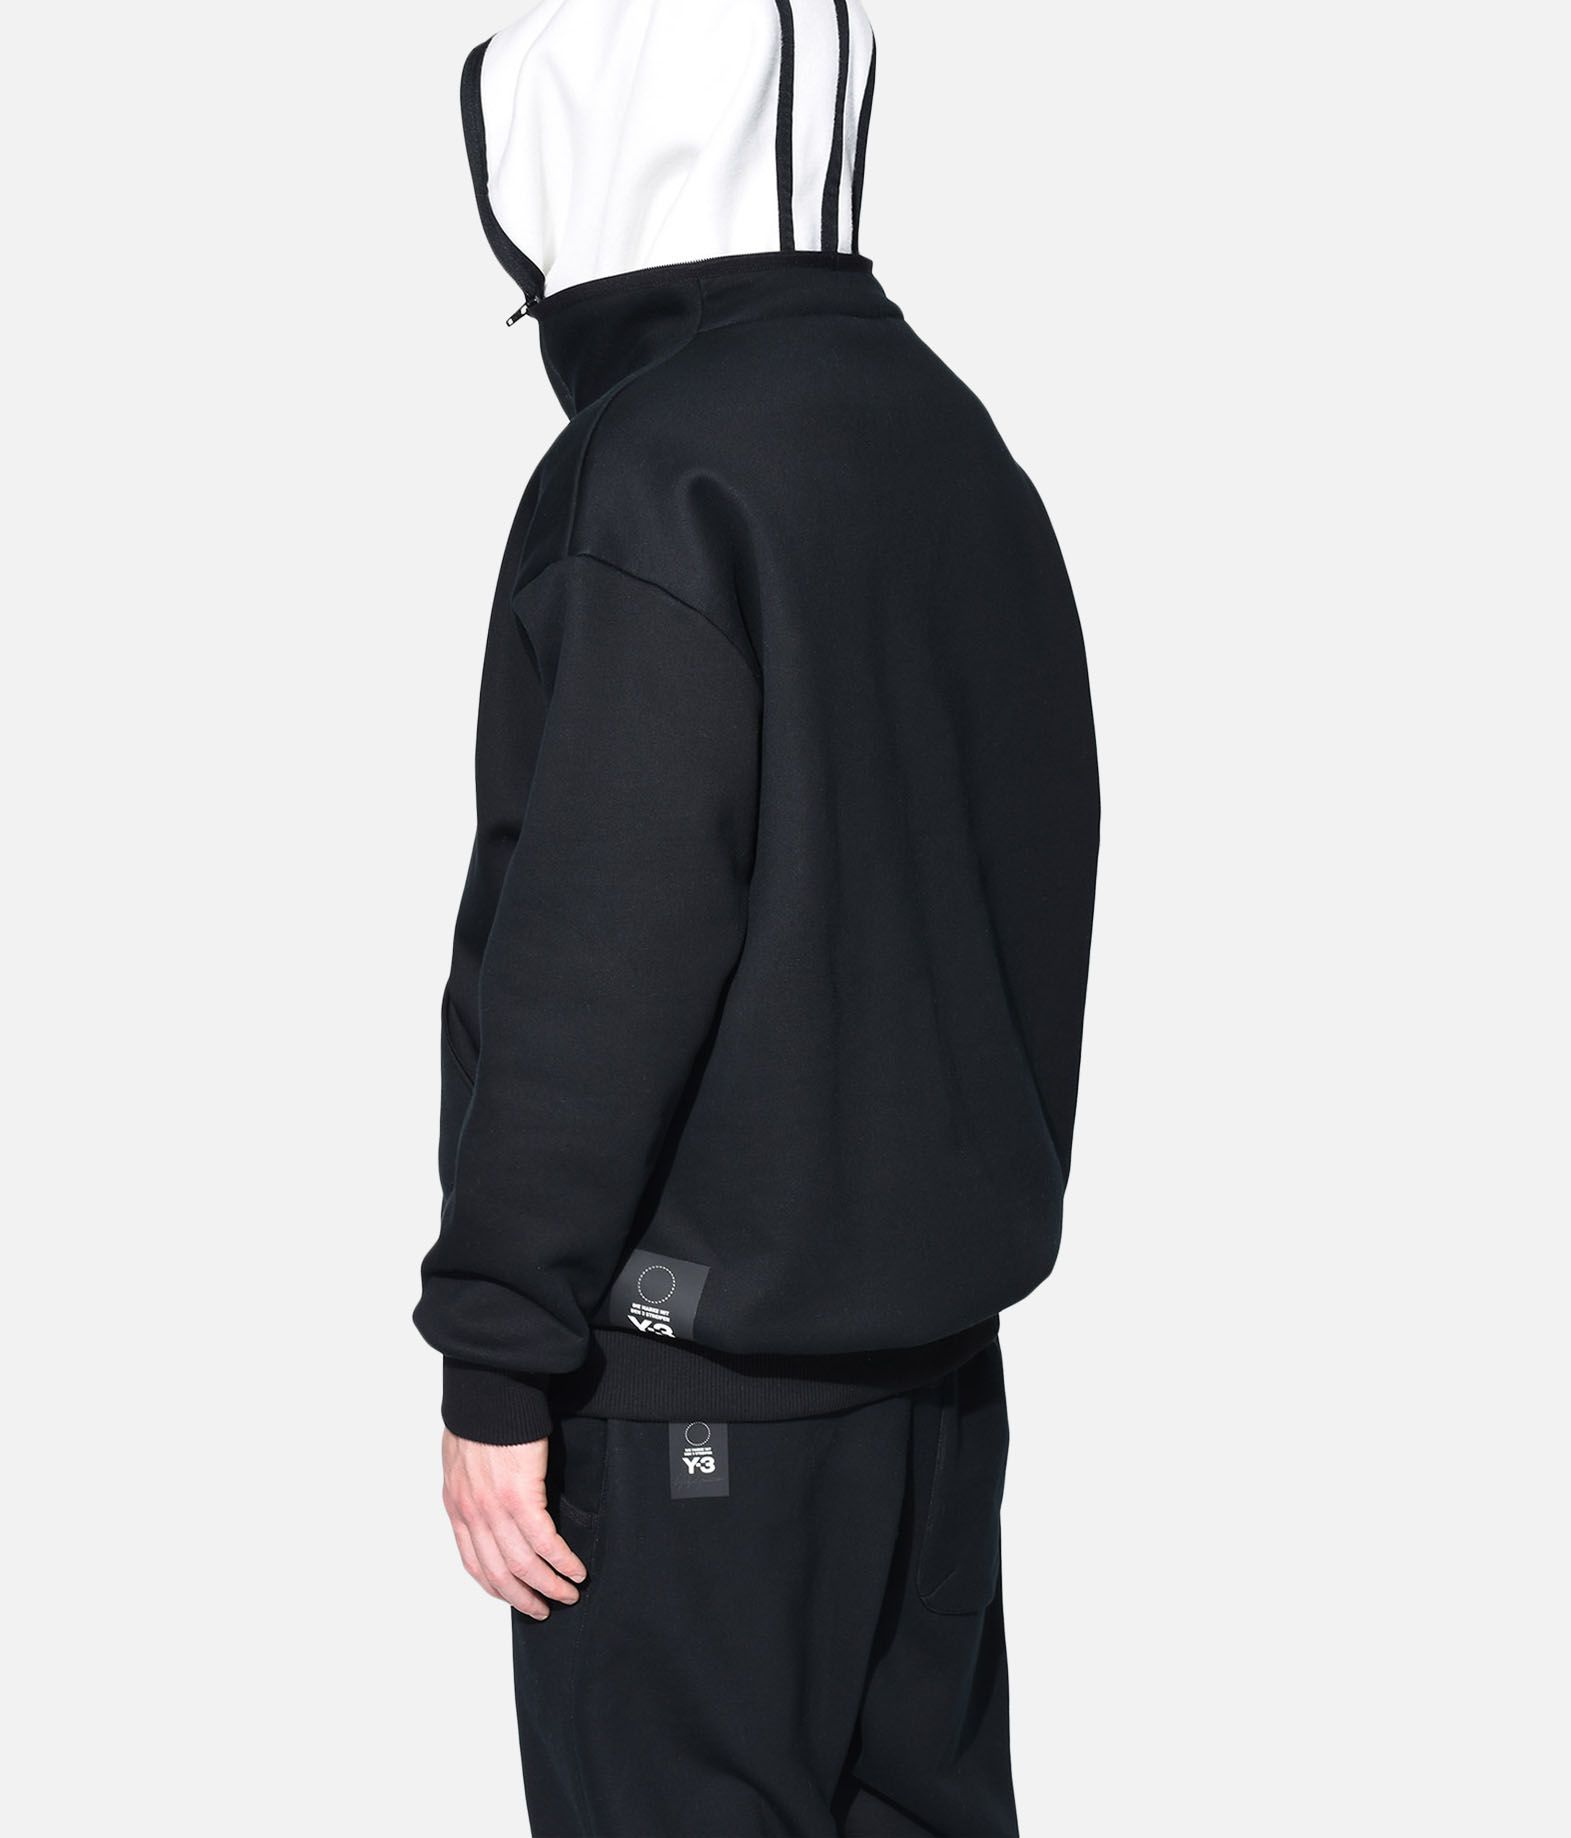 Y-3 Y-3 Binding Hoodie Hooded sweatshirt Man e